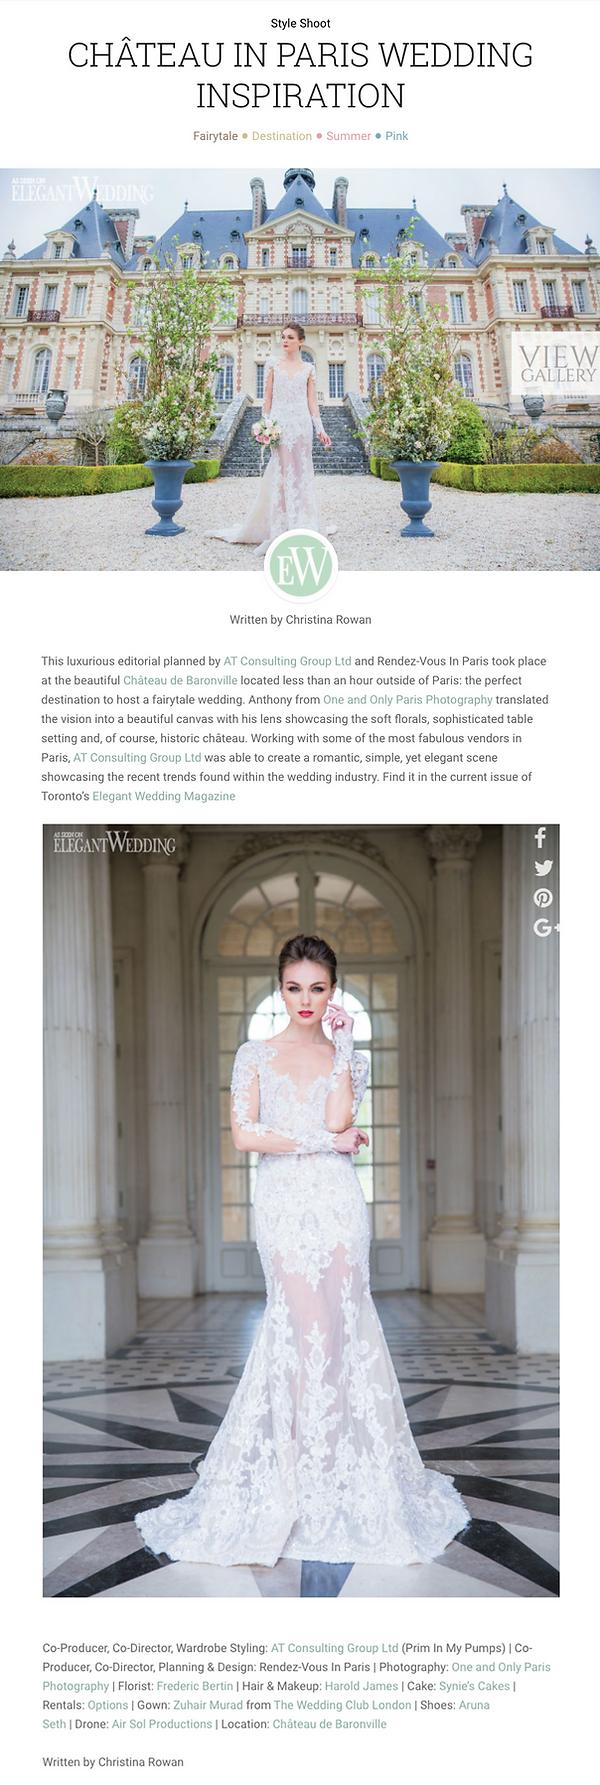 elegant weddings article.png